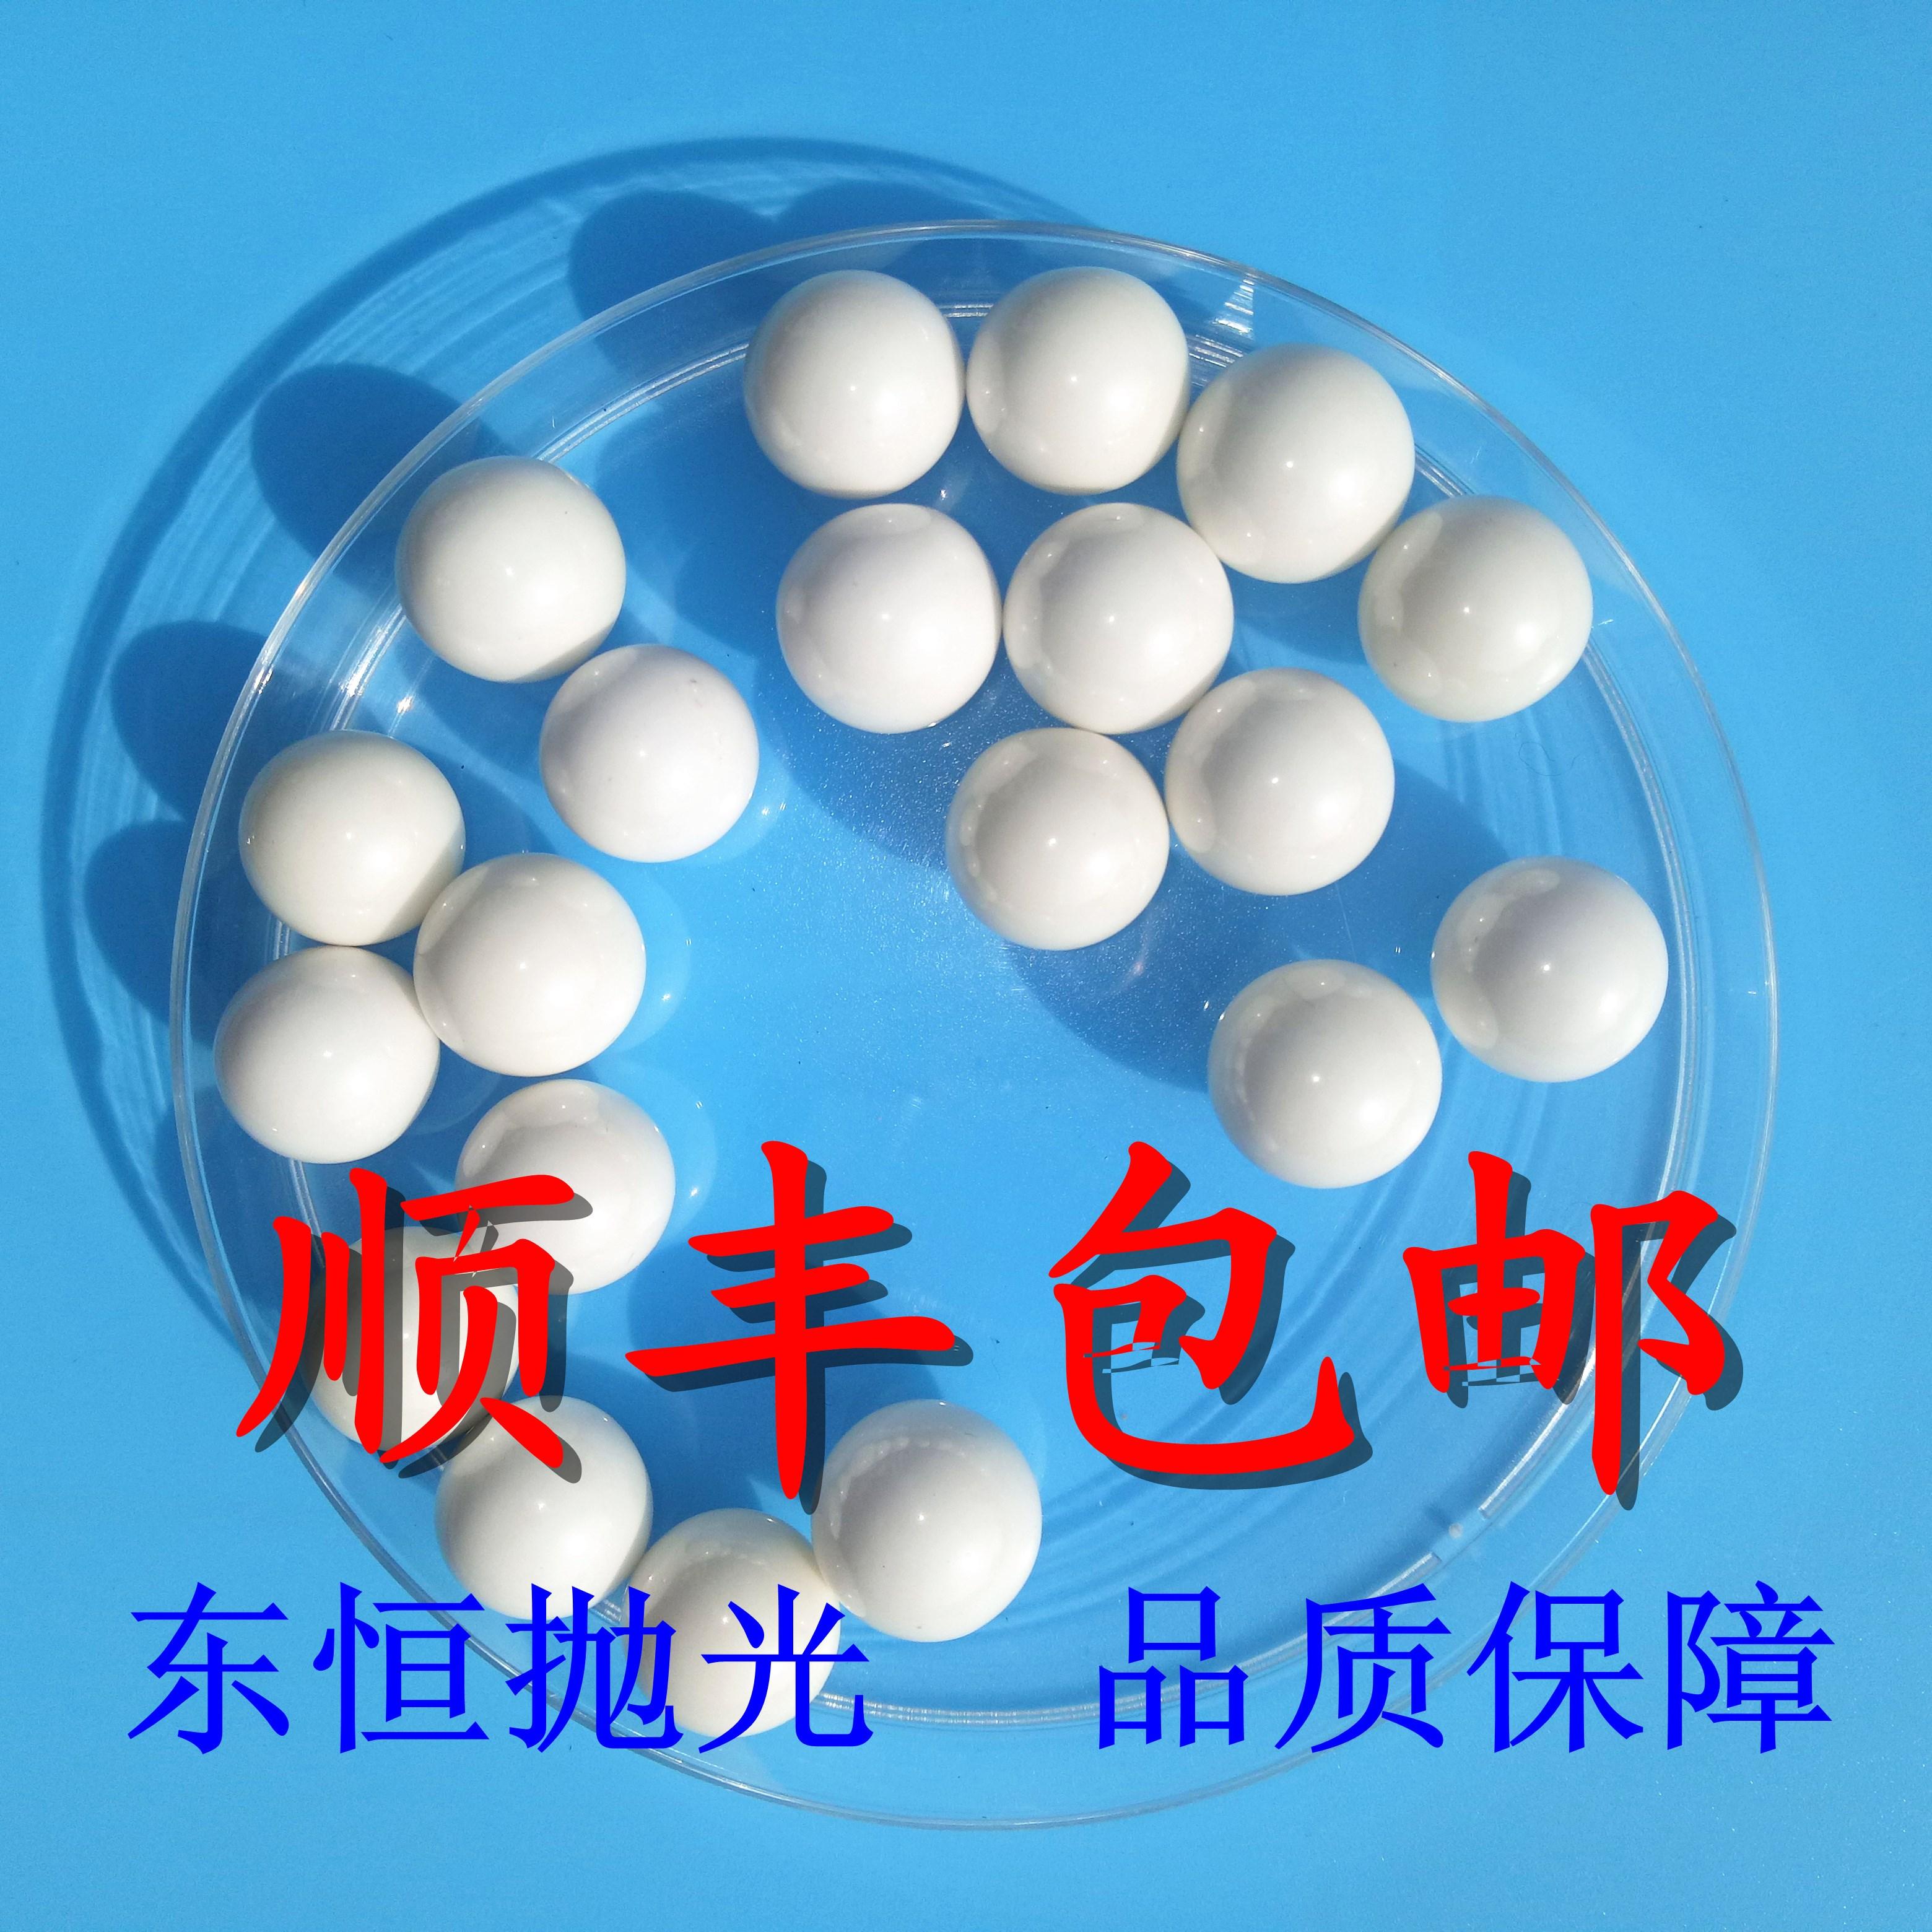 精品95氧化锆珠复合65抛光机耐磨氧化锆球35研磨光饰机镜面抛光球